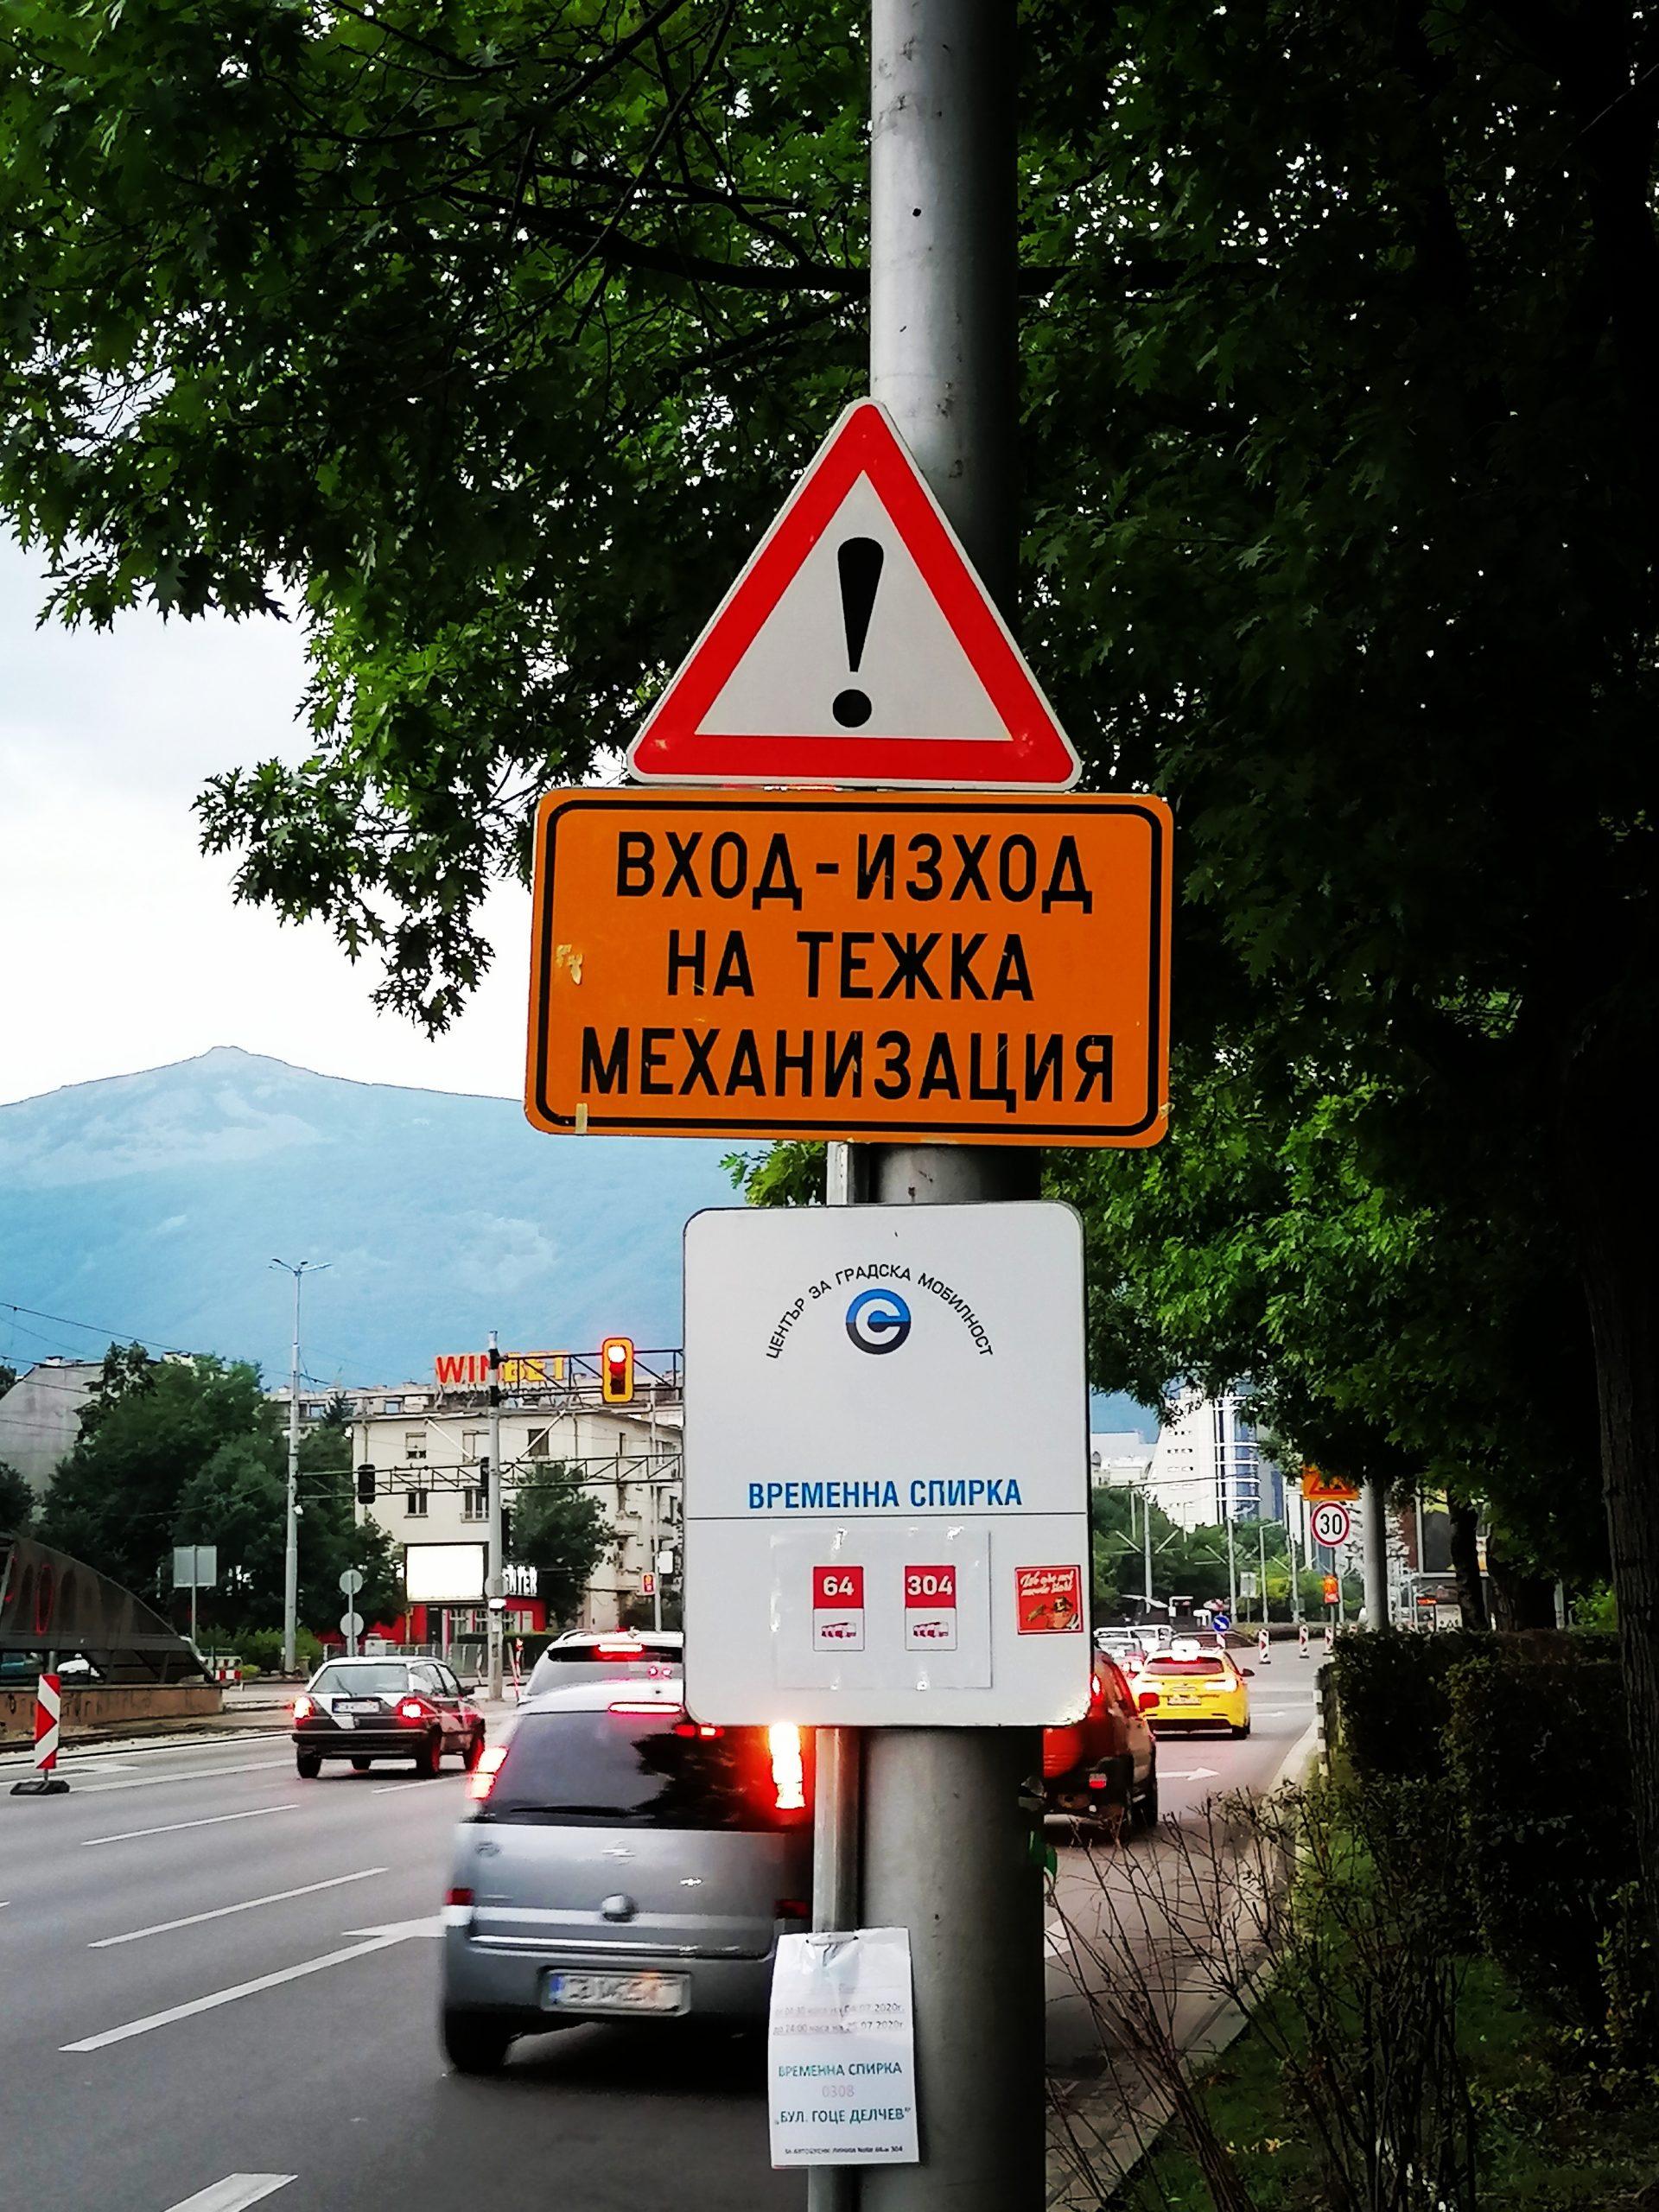 """София: Удължават срока на изместване на спирка """"Ж.к. Овча купел-2"""""""